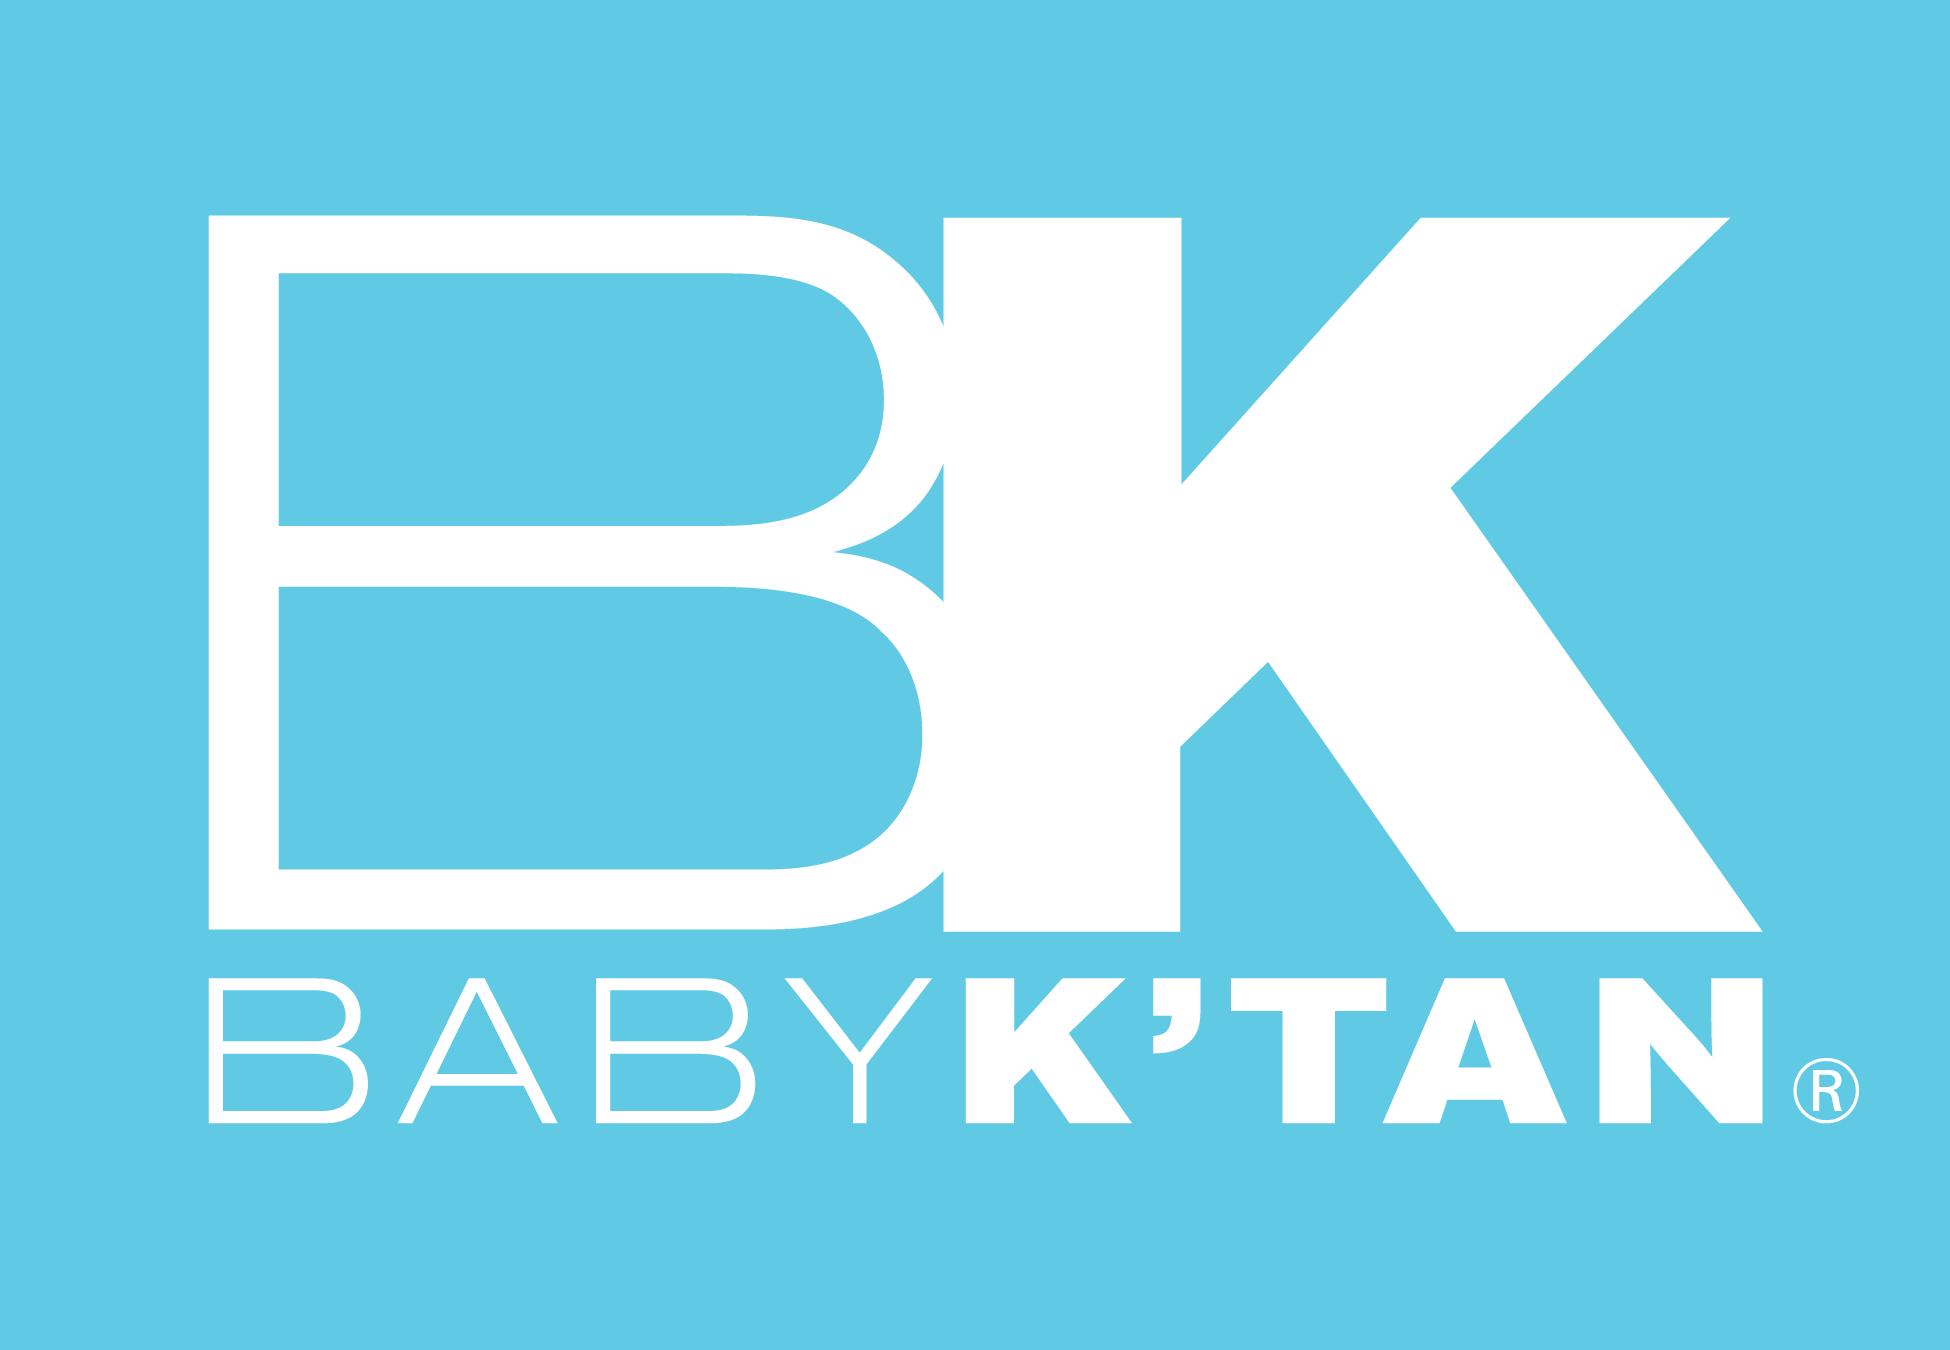 Baby K'tan, LLC